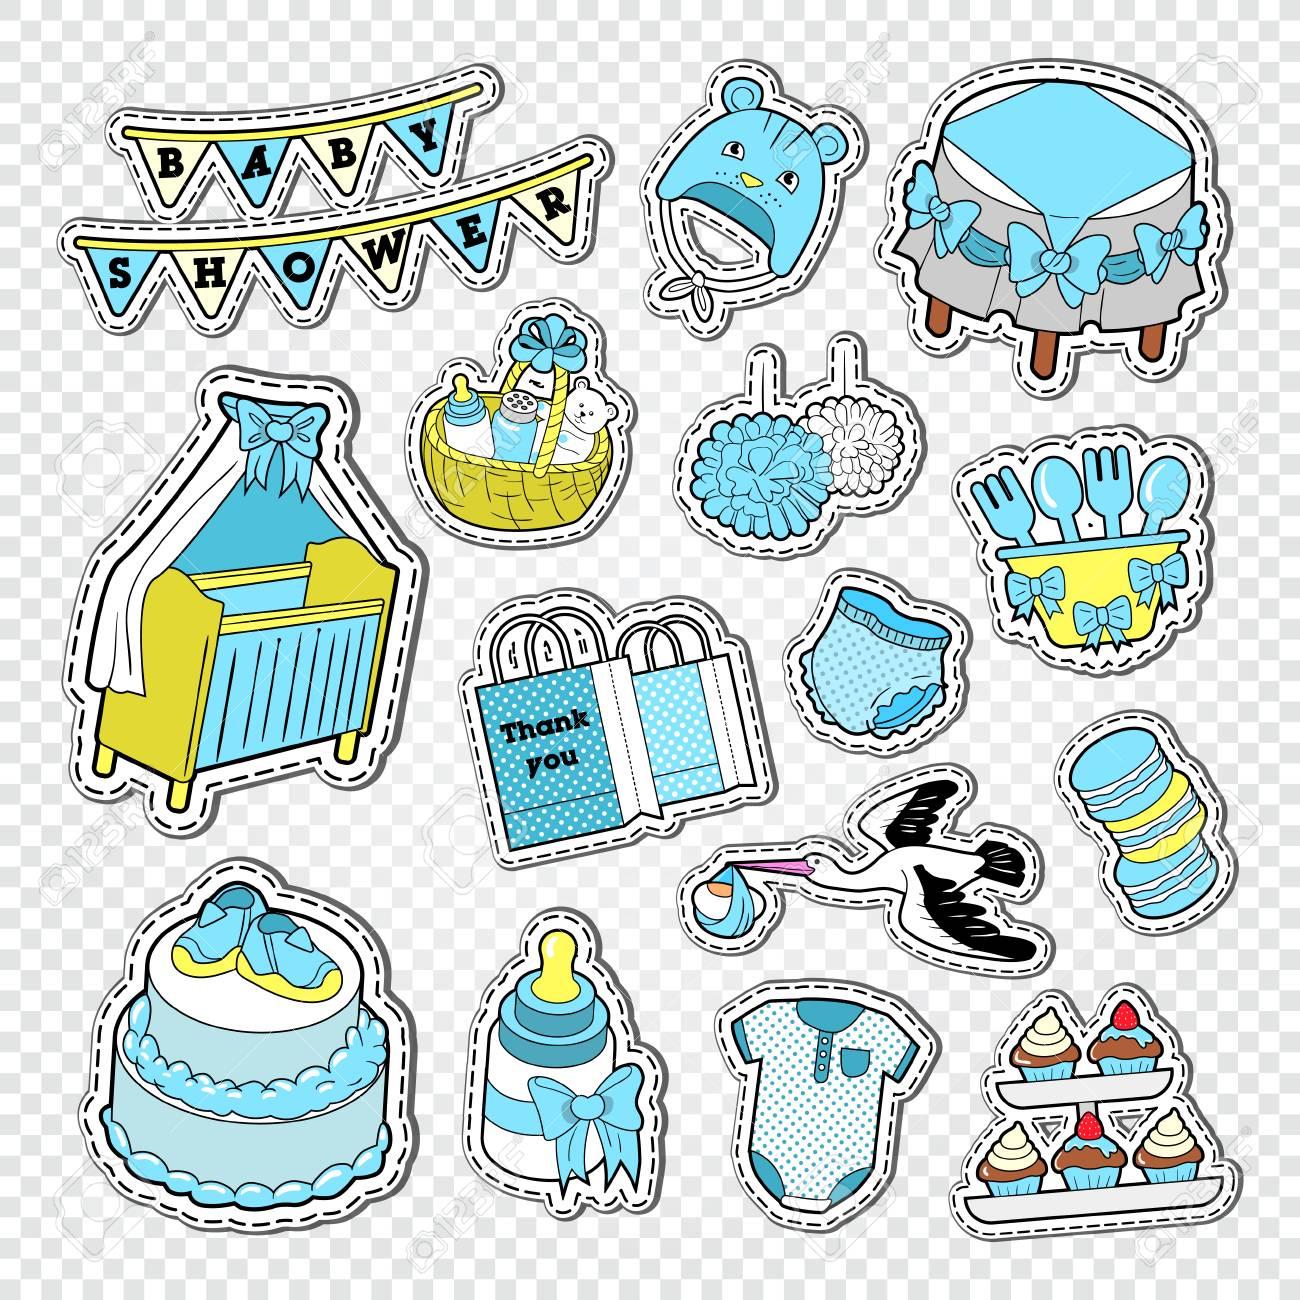 Baby Shower Boy Decoracion.Baby Shower Boy Decoration Elements Child Birth Decoration Stickers